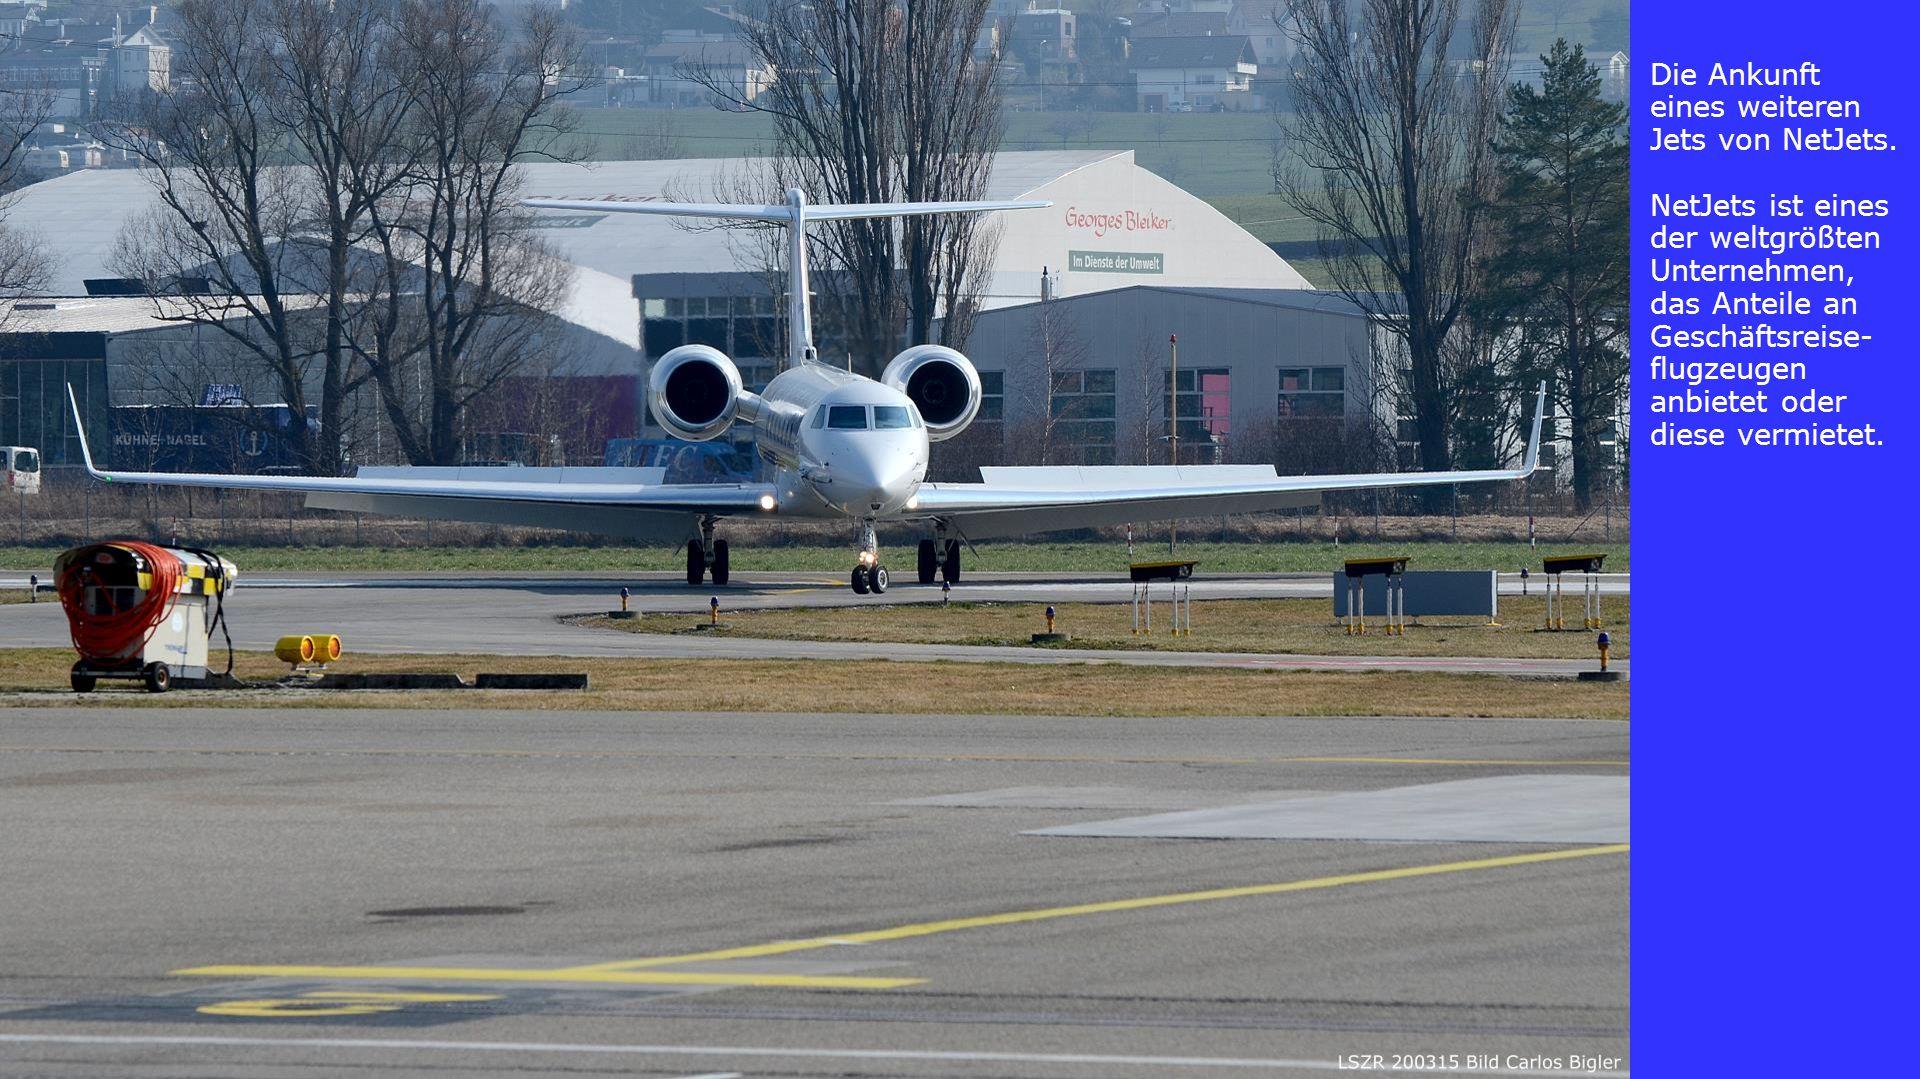 Die Ankunft eines weiteren Jets von NetJets. NetJets ist eines der weltgrößten Unternehmen, das Anteile an Geschäftsreise- flugzeugen anbietet oder di